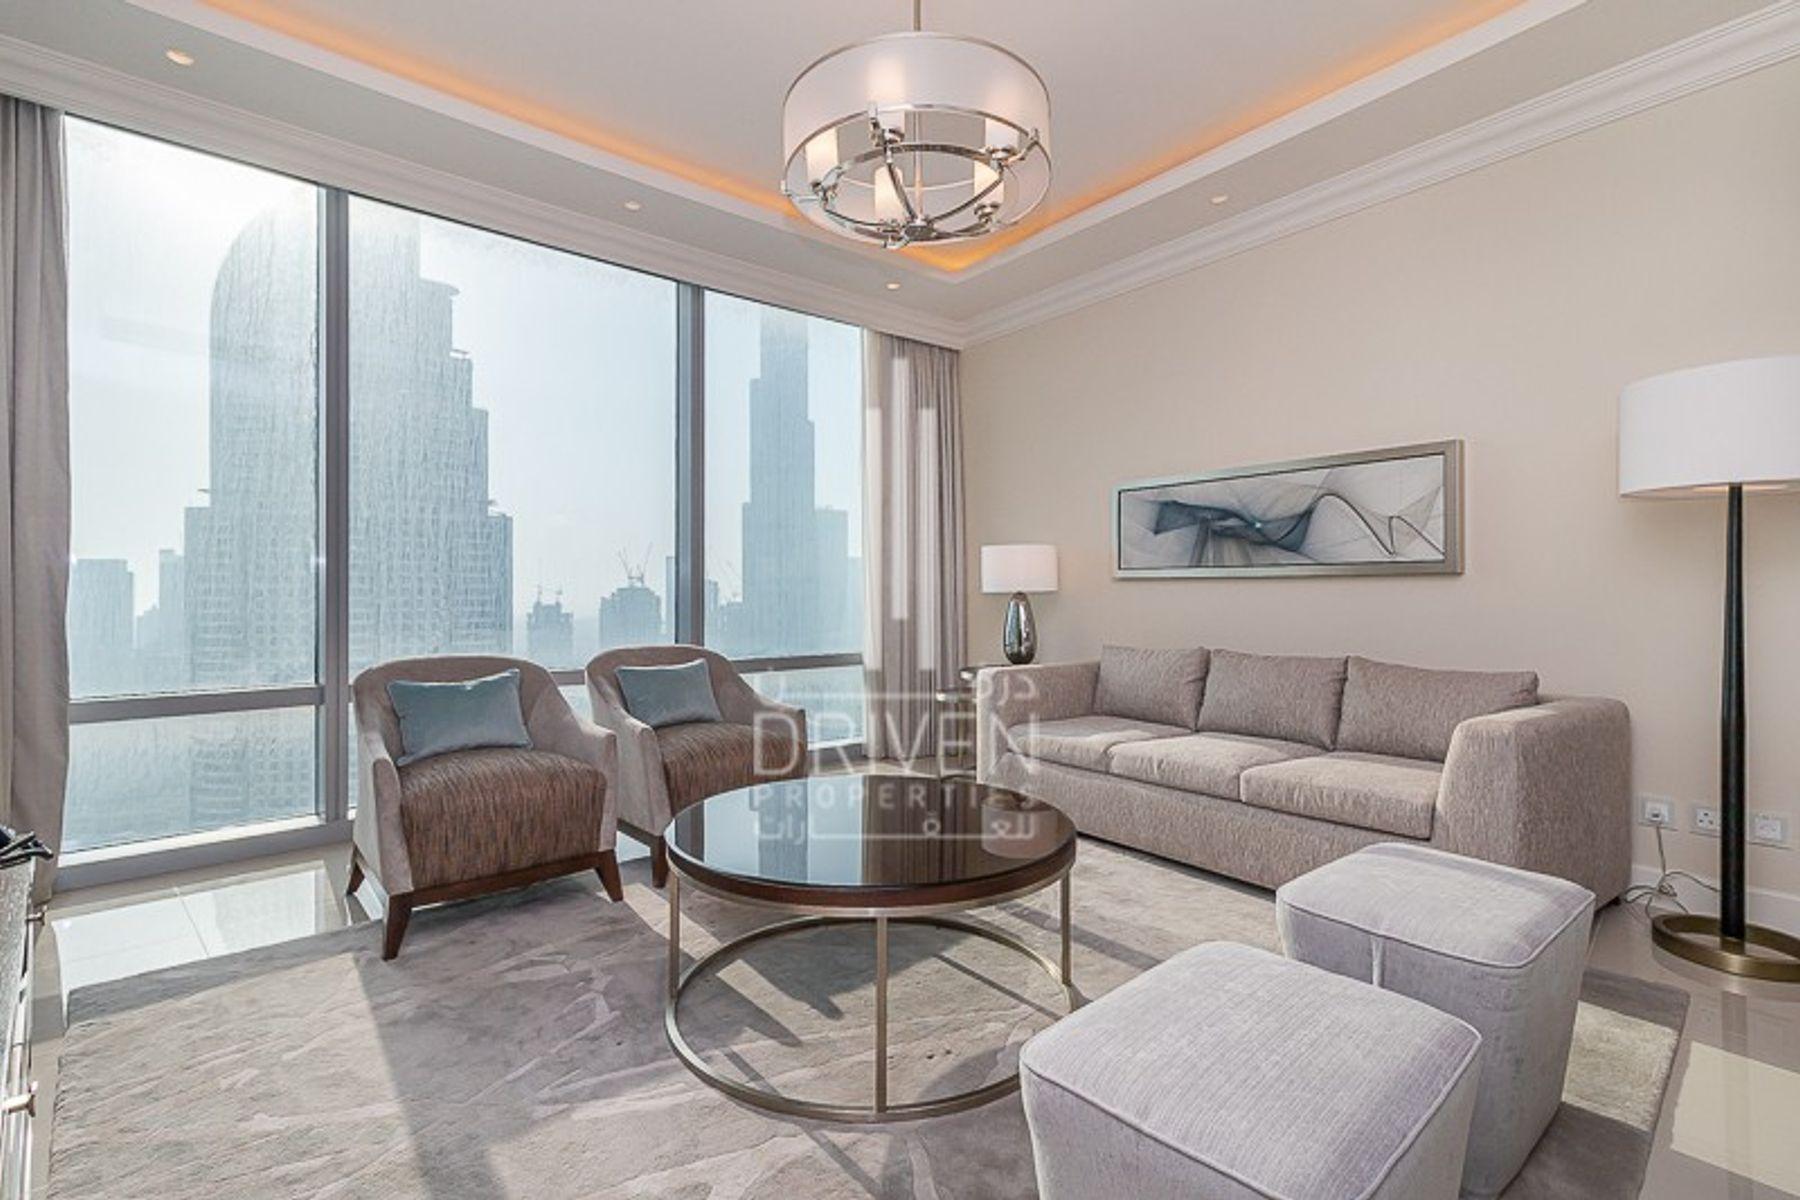 1,371 قدم مربع  شقة - للايجار - دبي وسط المدينة